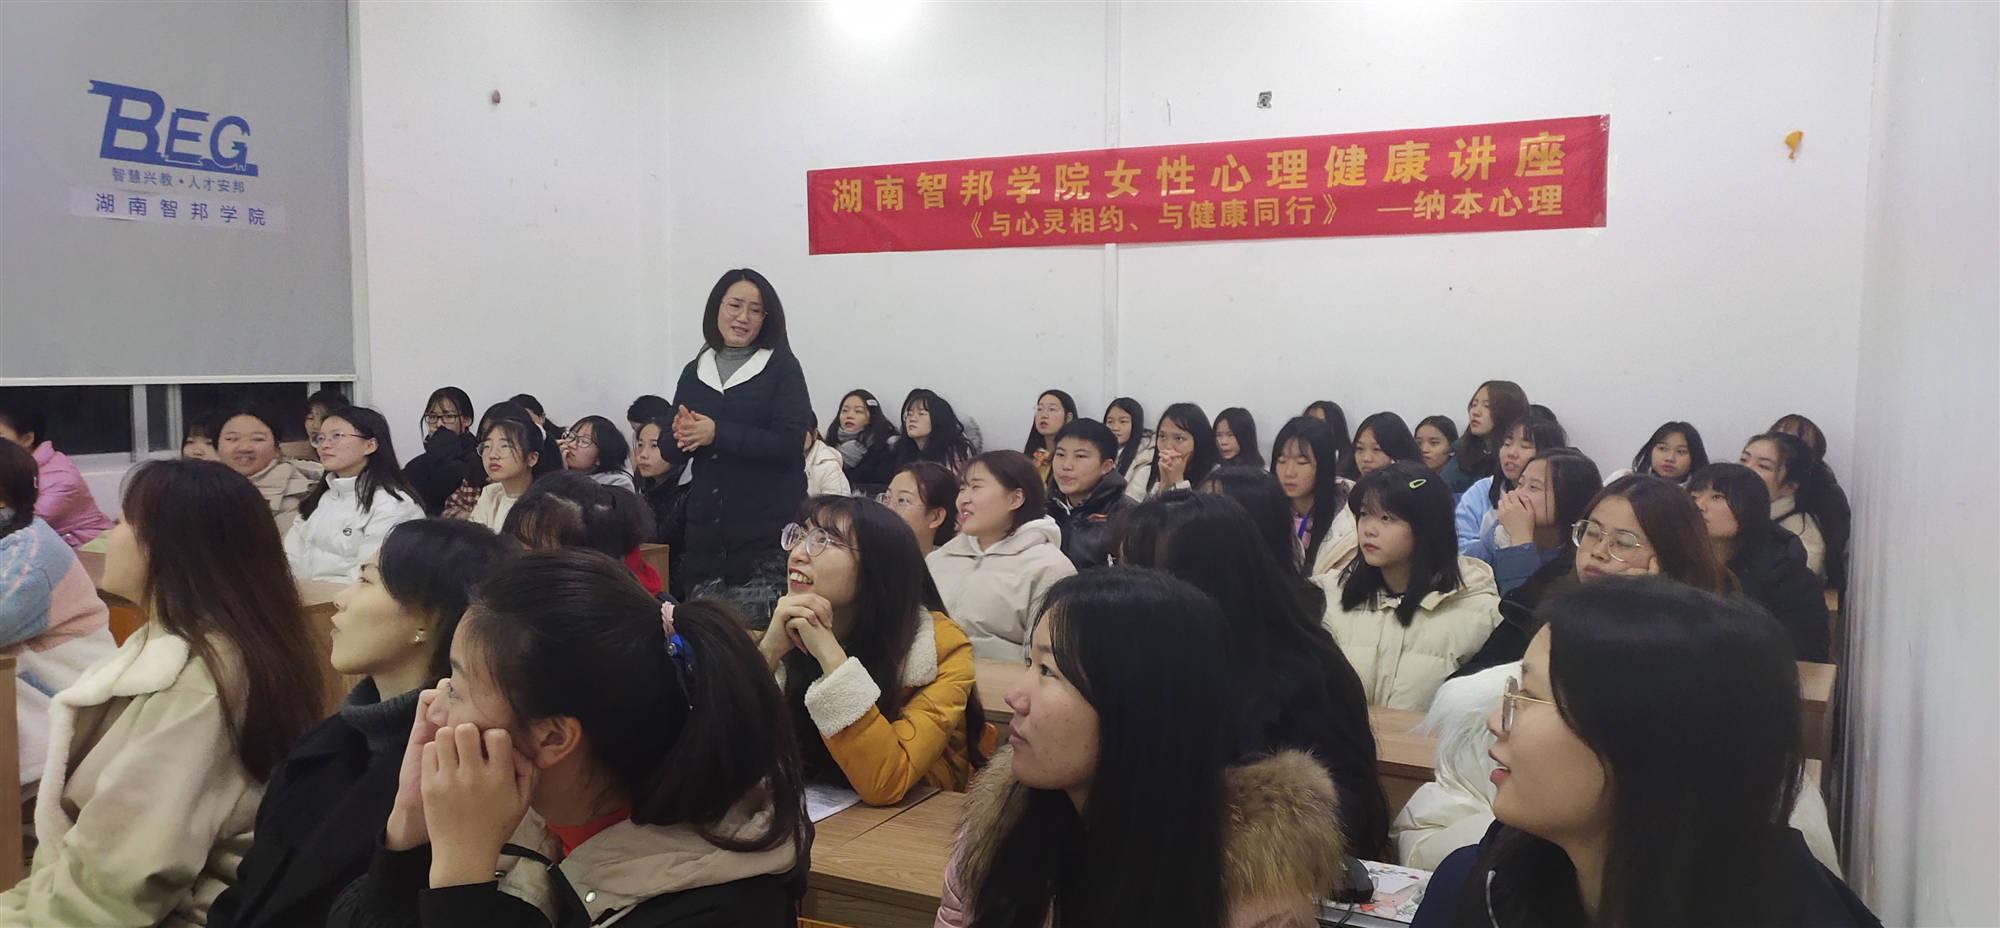 与心灵相约,与健康同行——纳本心理走进湖南智邦学院顺利举行女性心理健康讲座